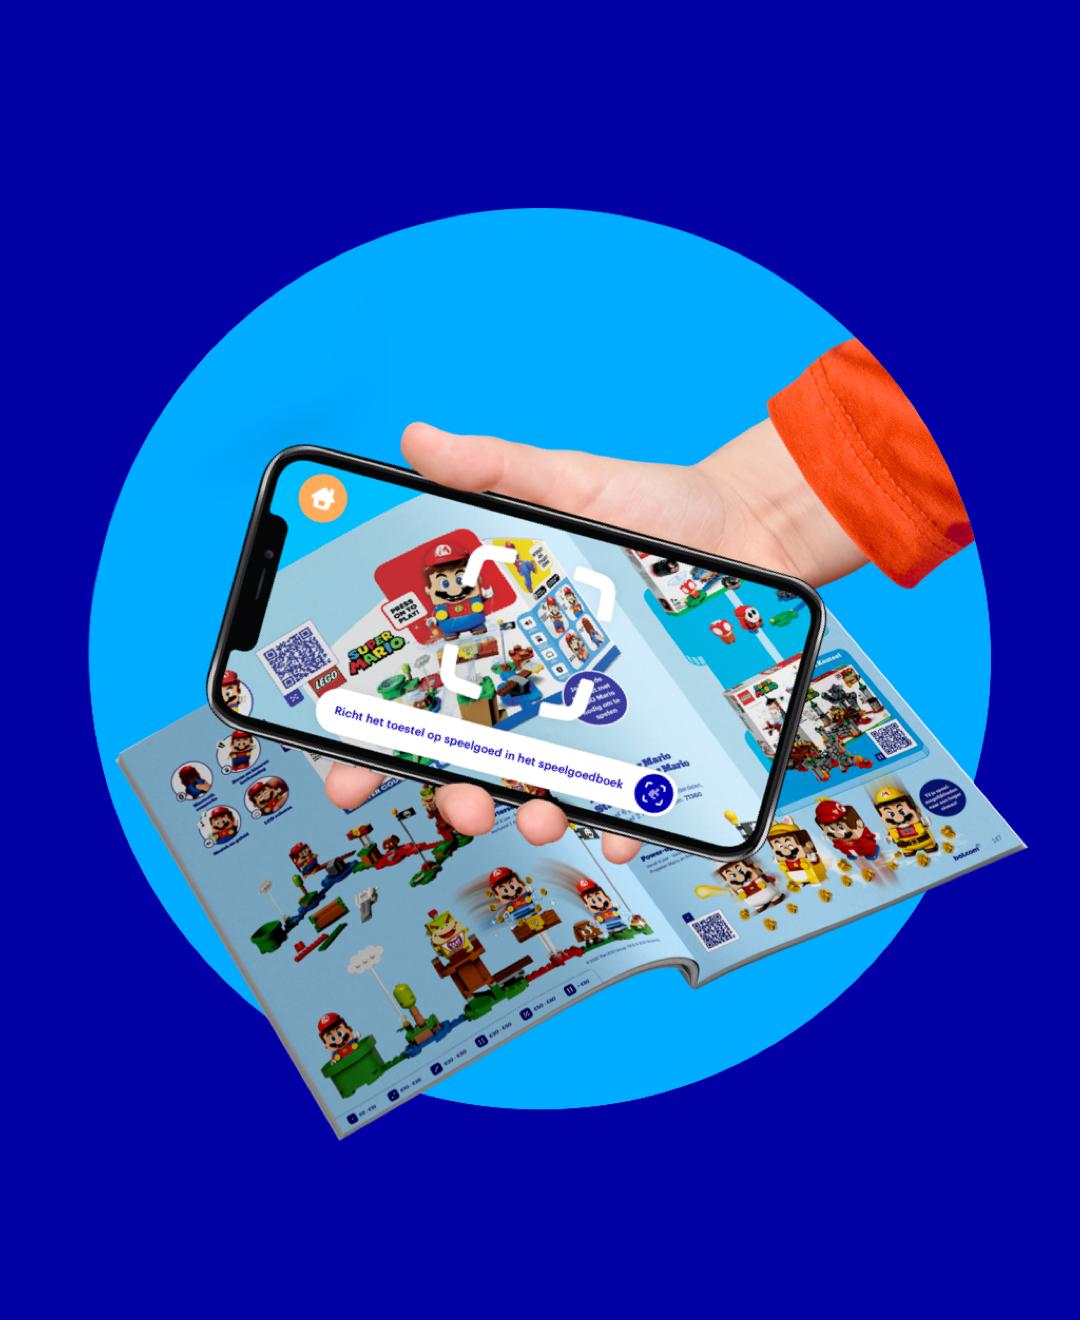 Seelgoedboek app